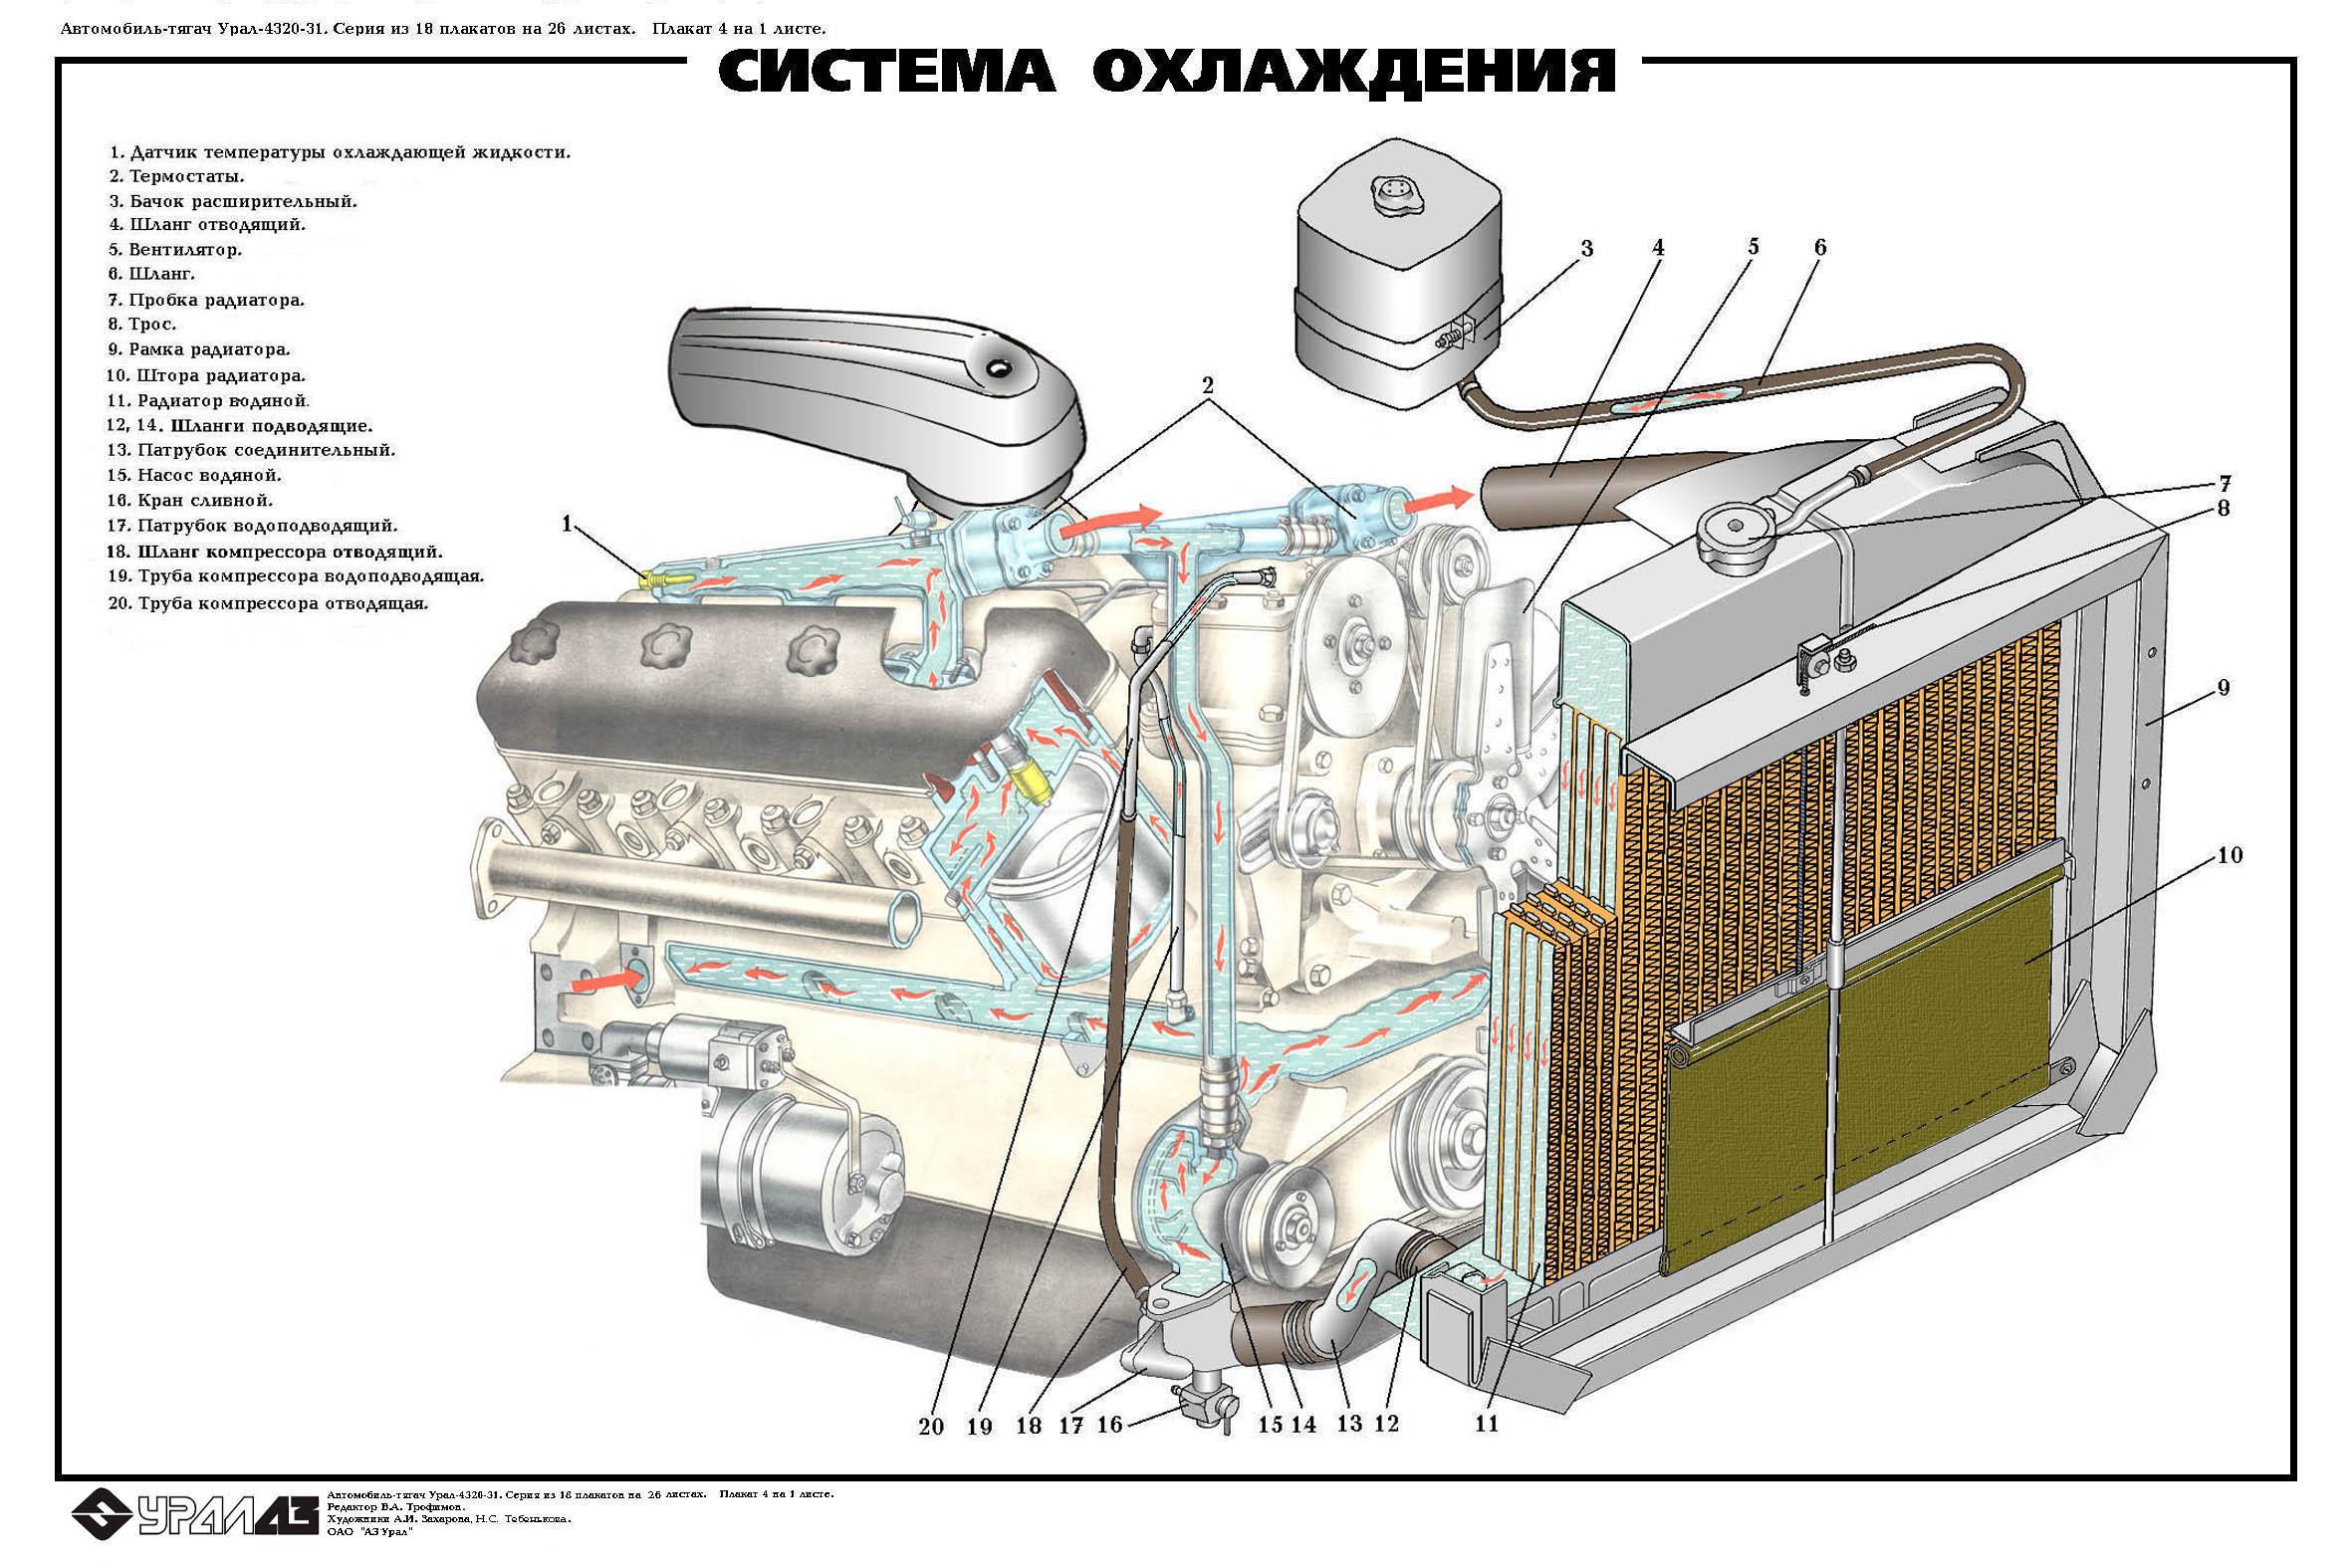 Излишнее тепло, выделяемое системой охлаждения двигателя, обычно применяется для дополнительного обогрева кабины...